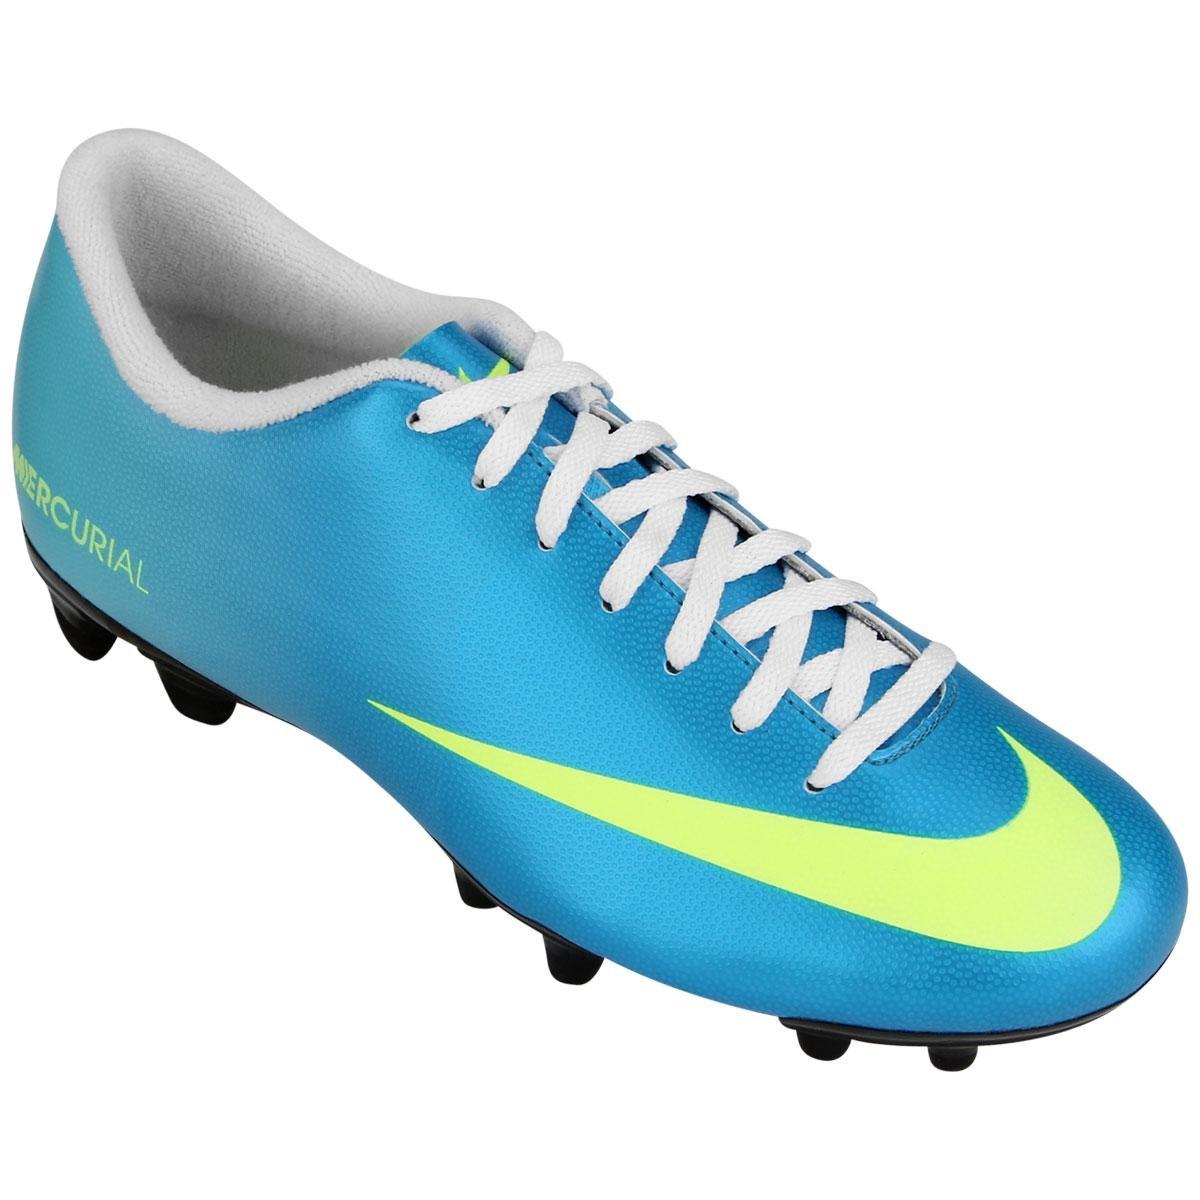 f4e272ea08 Chuteira Nike Mercurial Vortex FG - Compre Agora